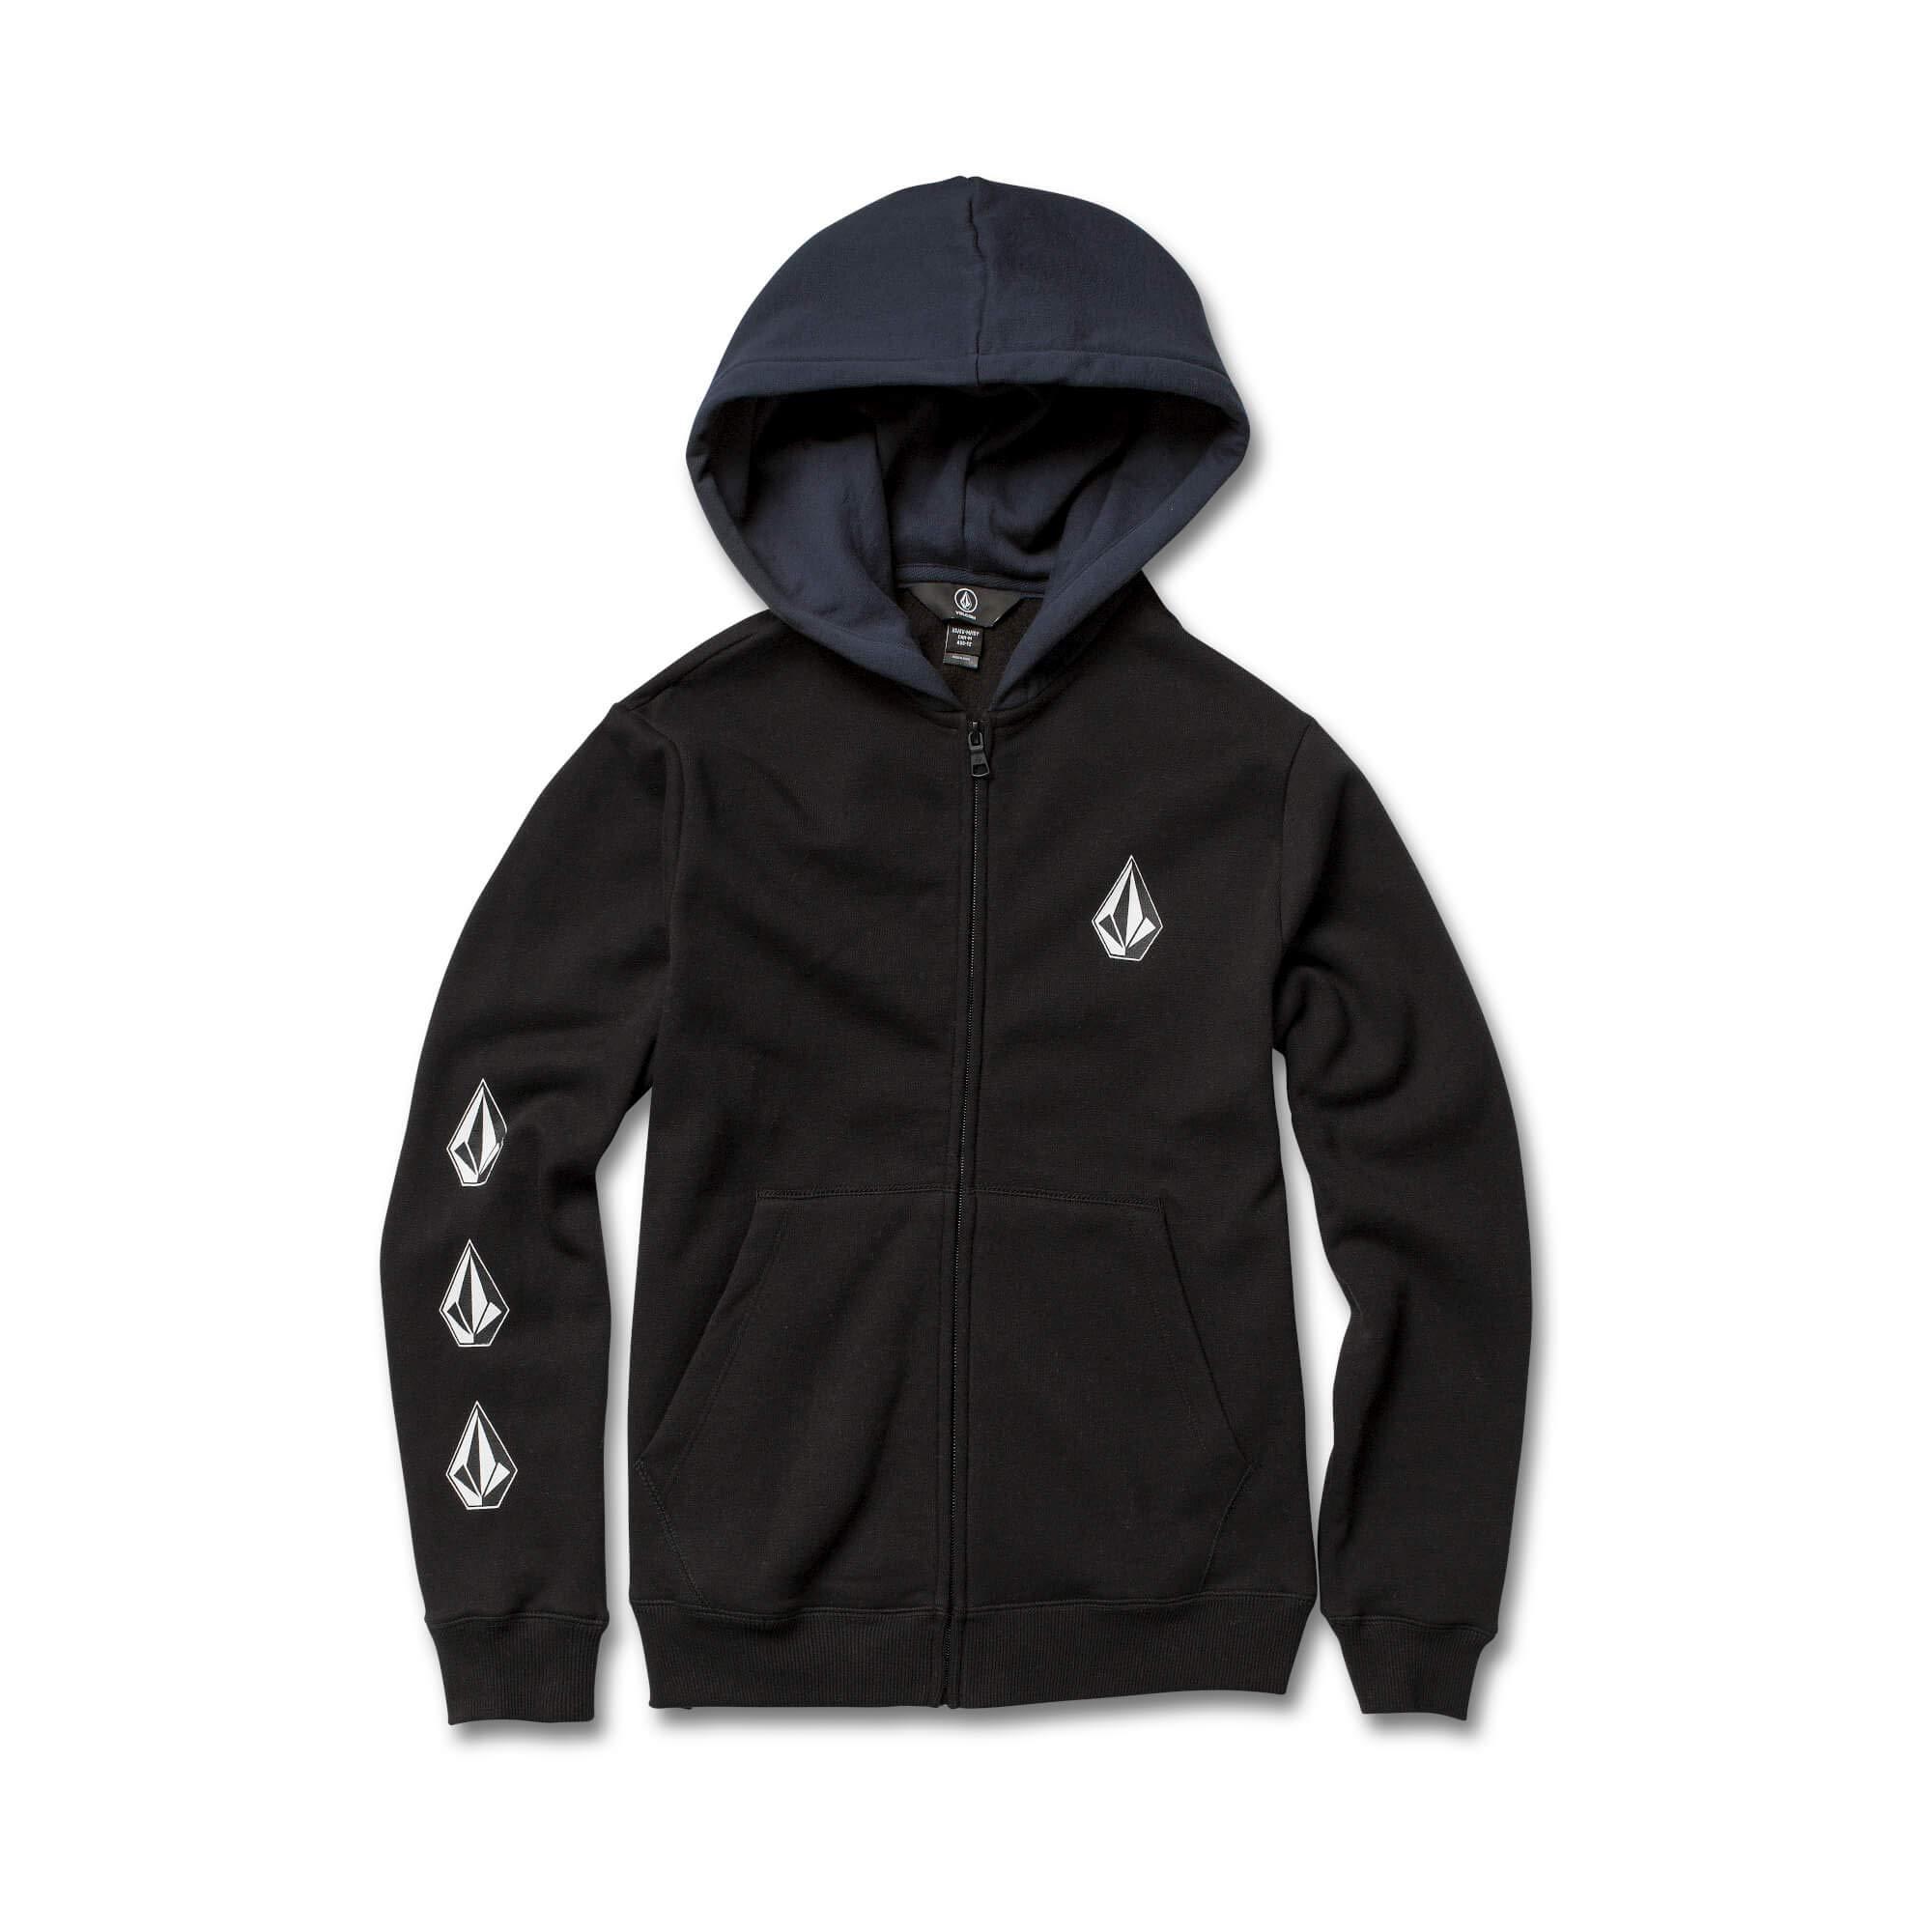 Volcom Boys' Big Deadly Stone Zip Up Fleece Hooded Sweatshirt, Black Combo, Small